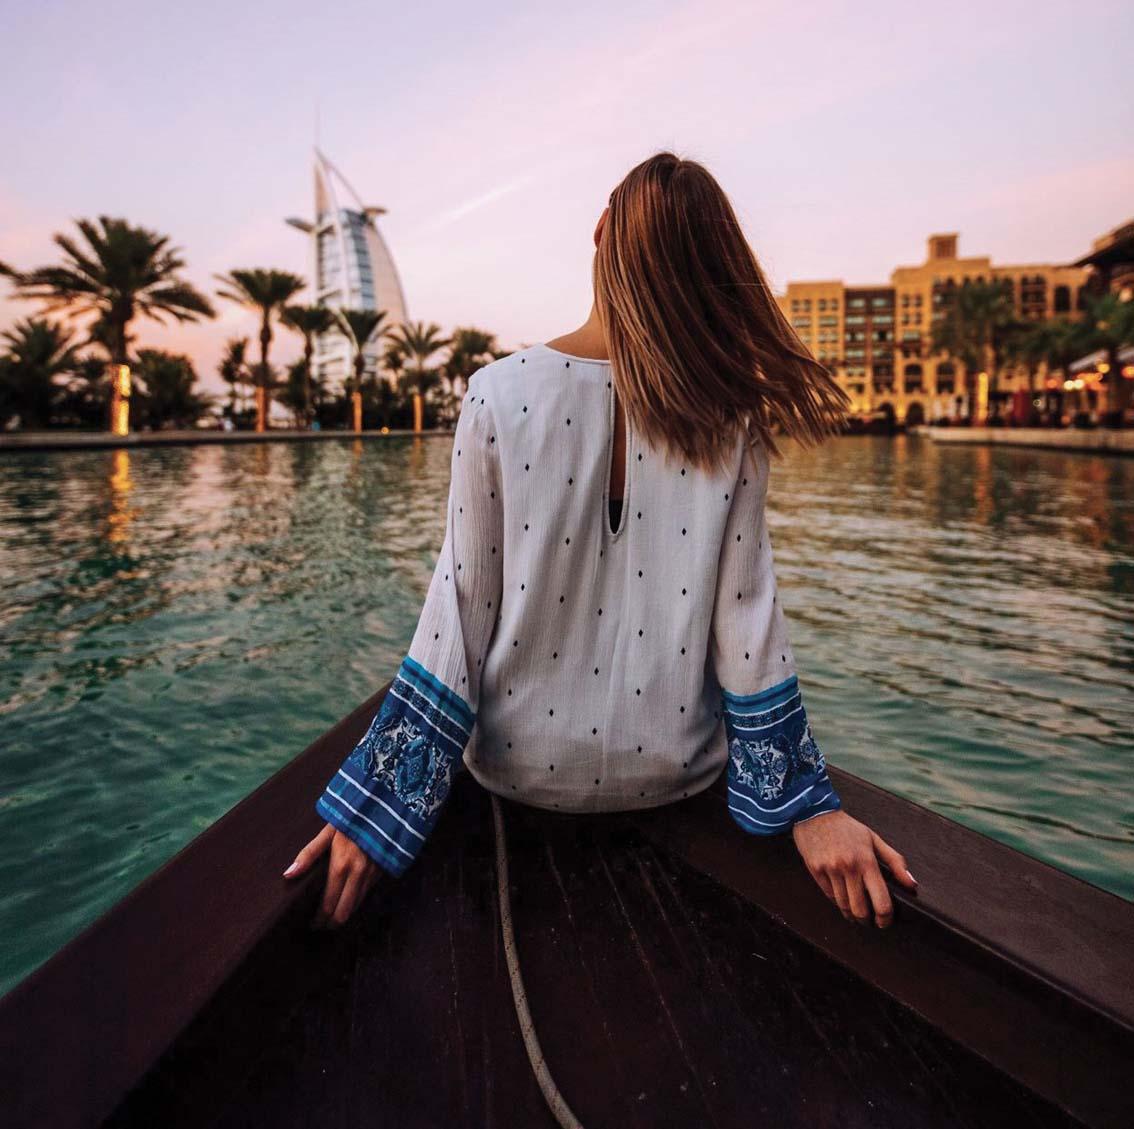 Dubaï en 2020 grâce à My Emirates Pass